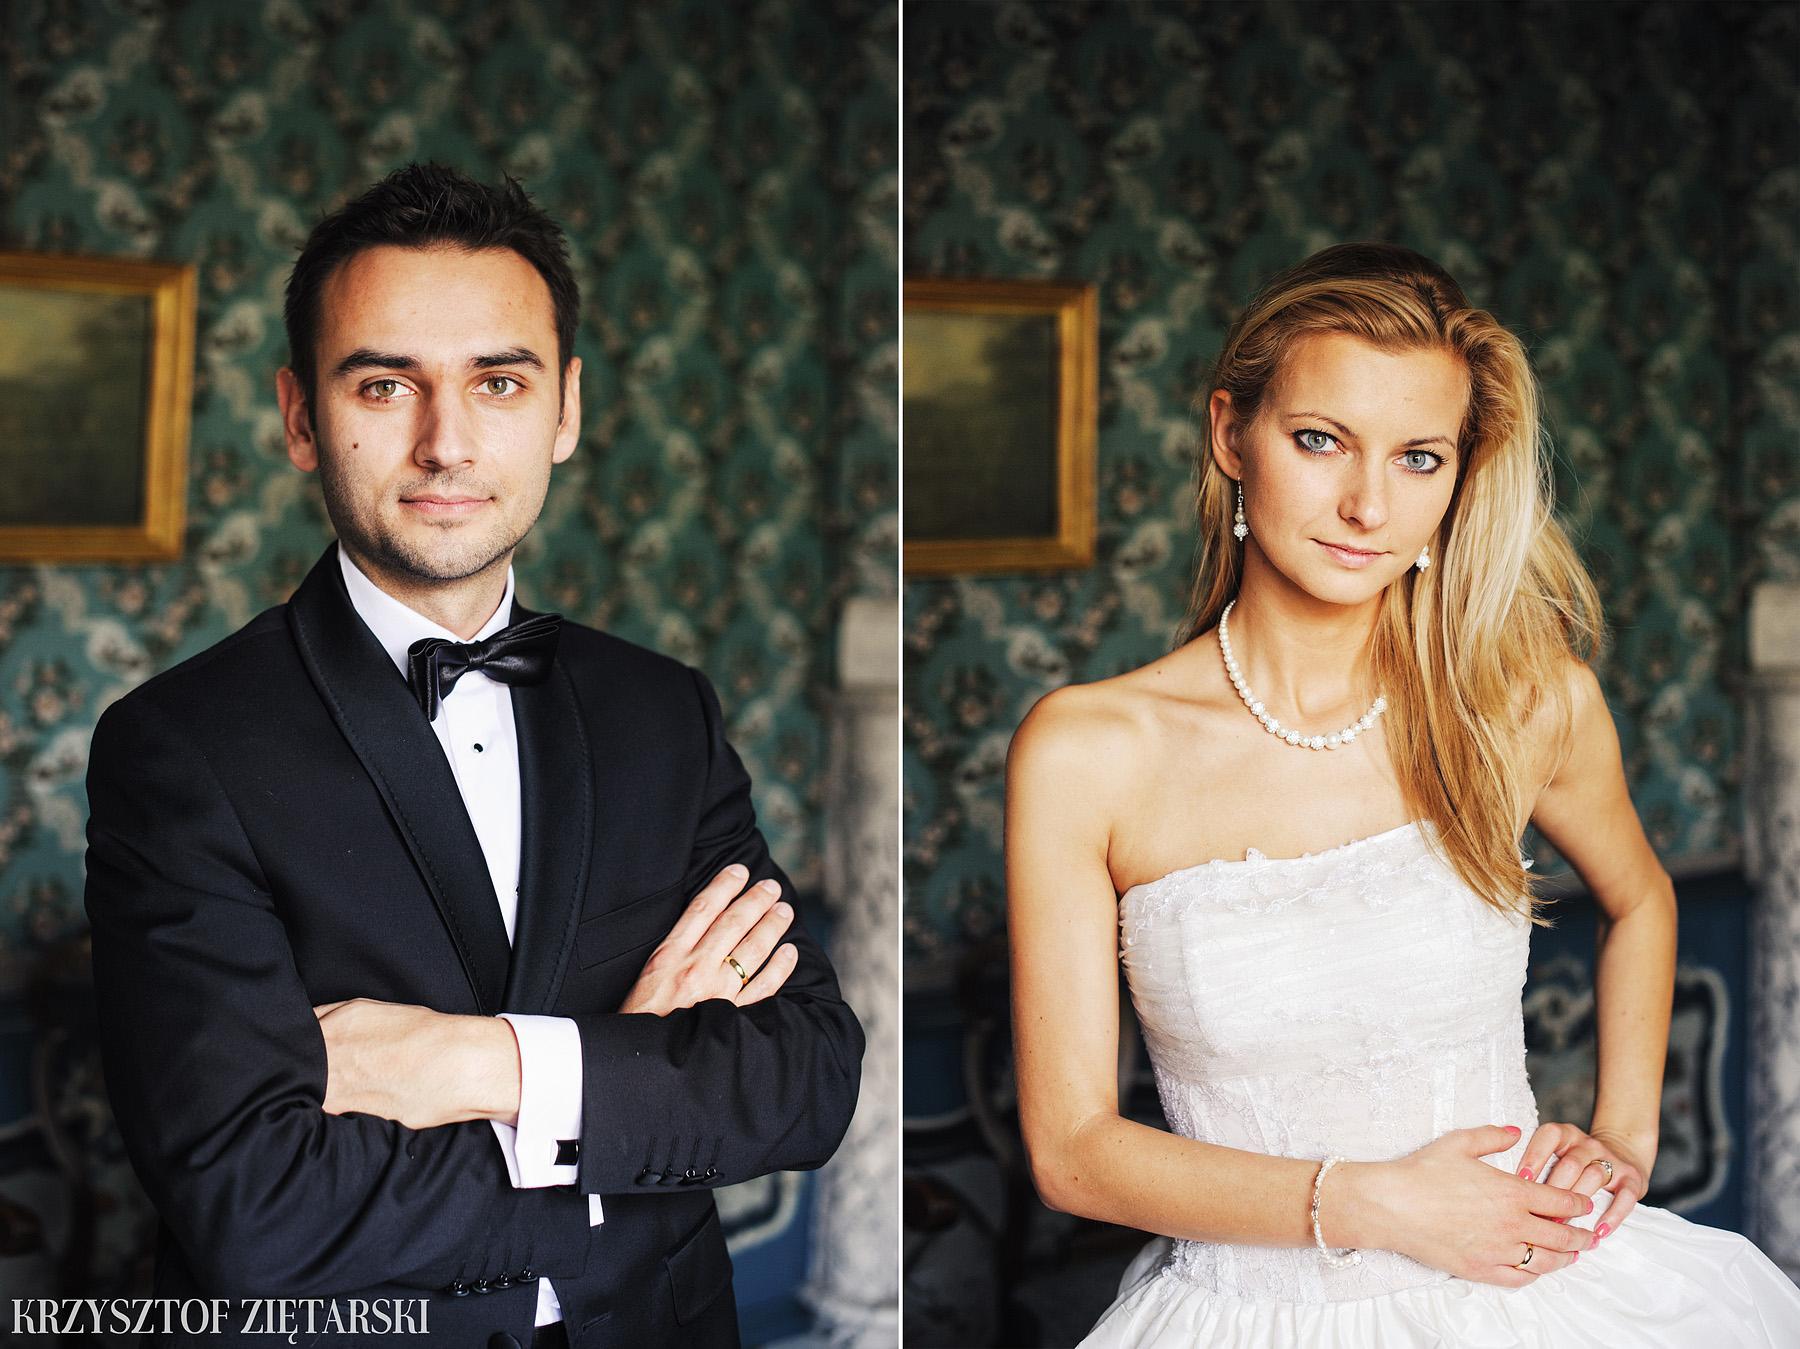 Ewa i Tomek - Fotografia ślubna Gdańsk, Adler Zgorzałe - 70.